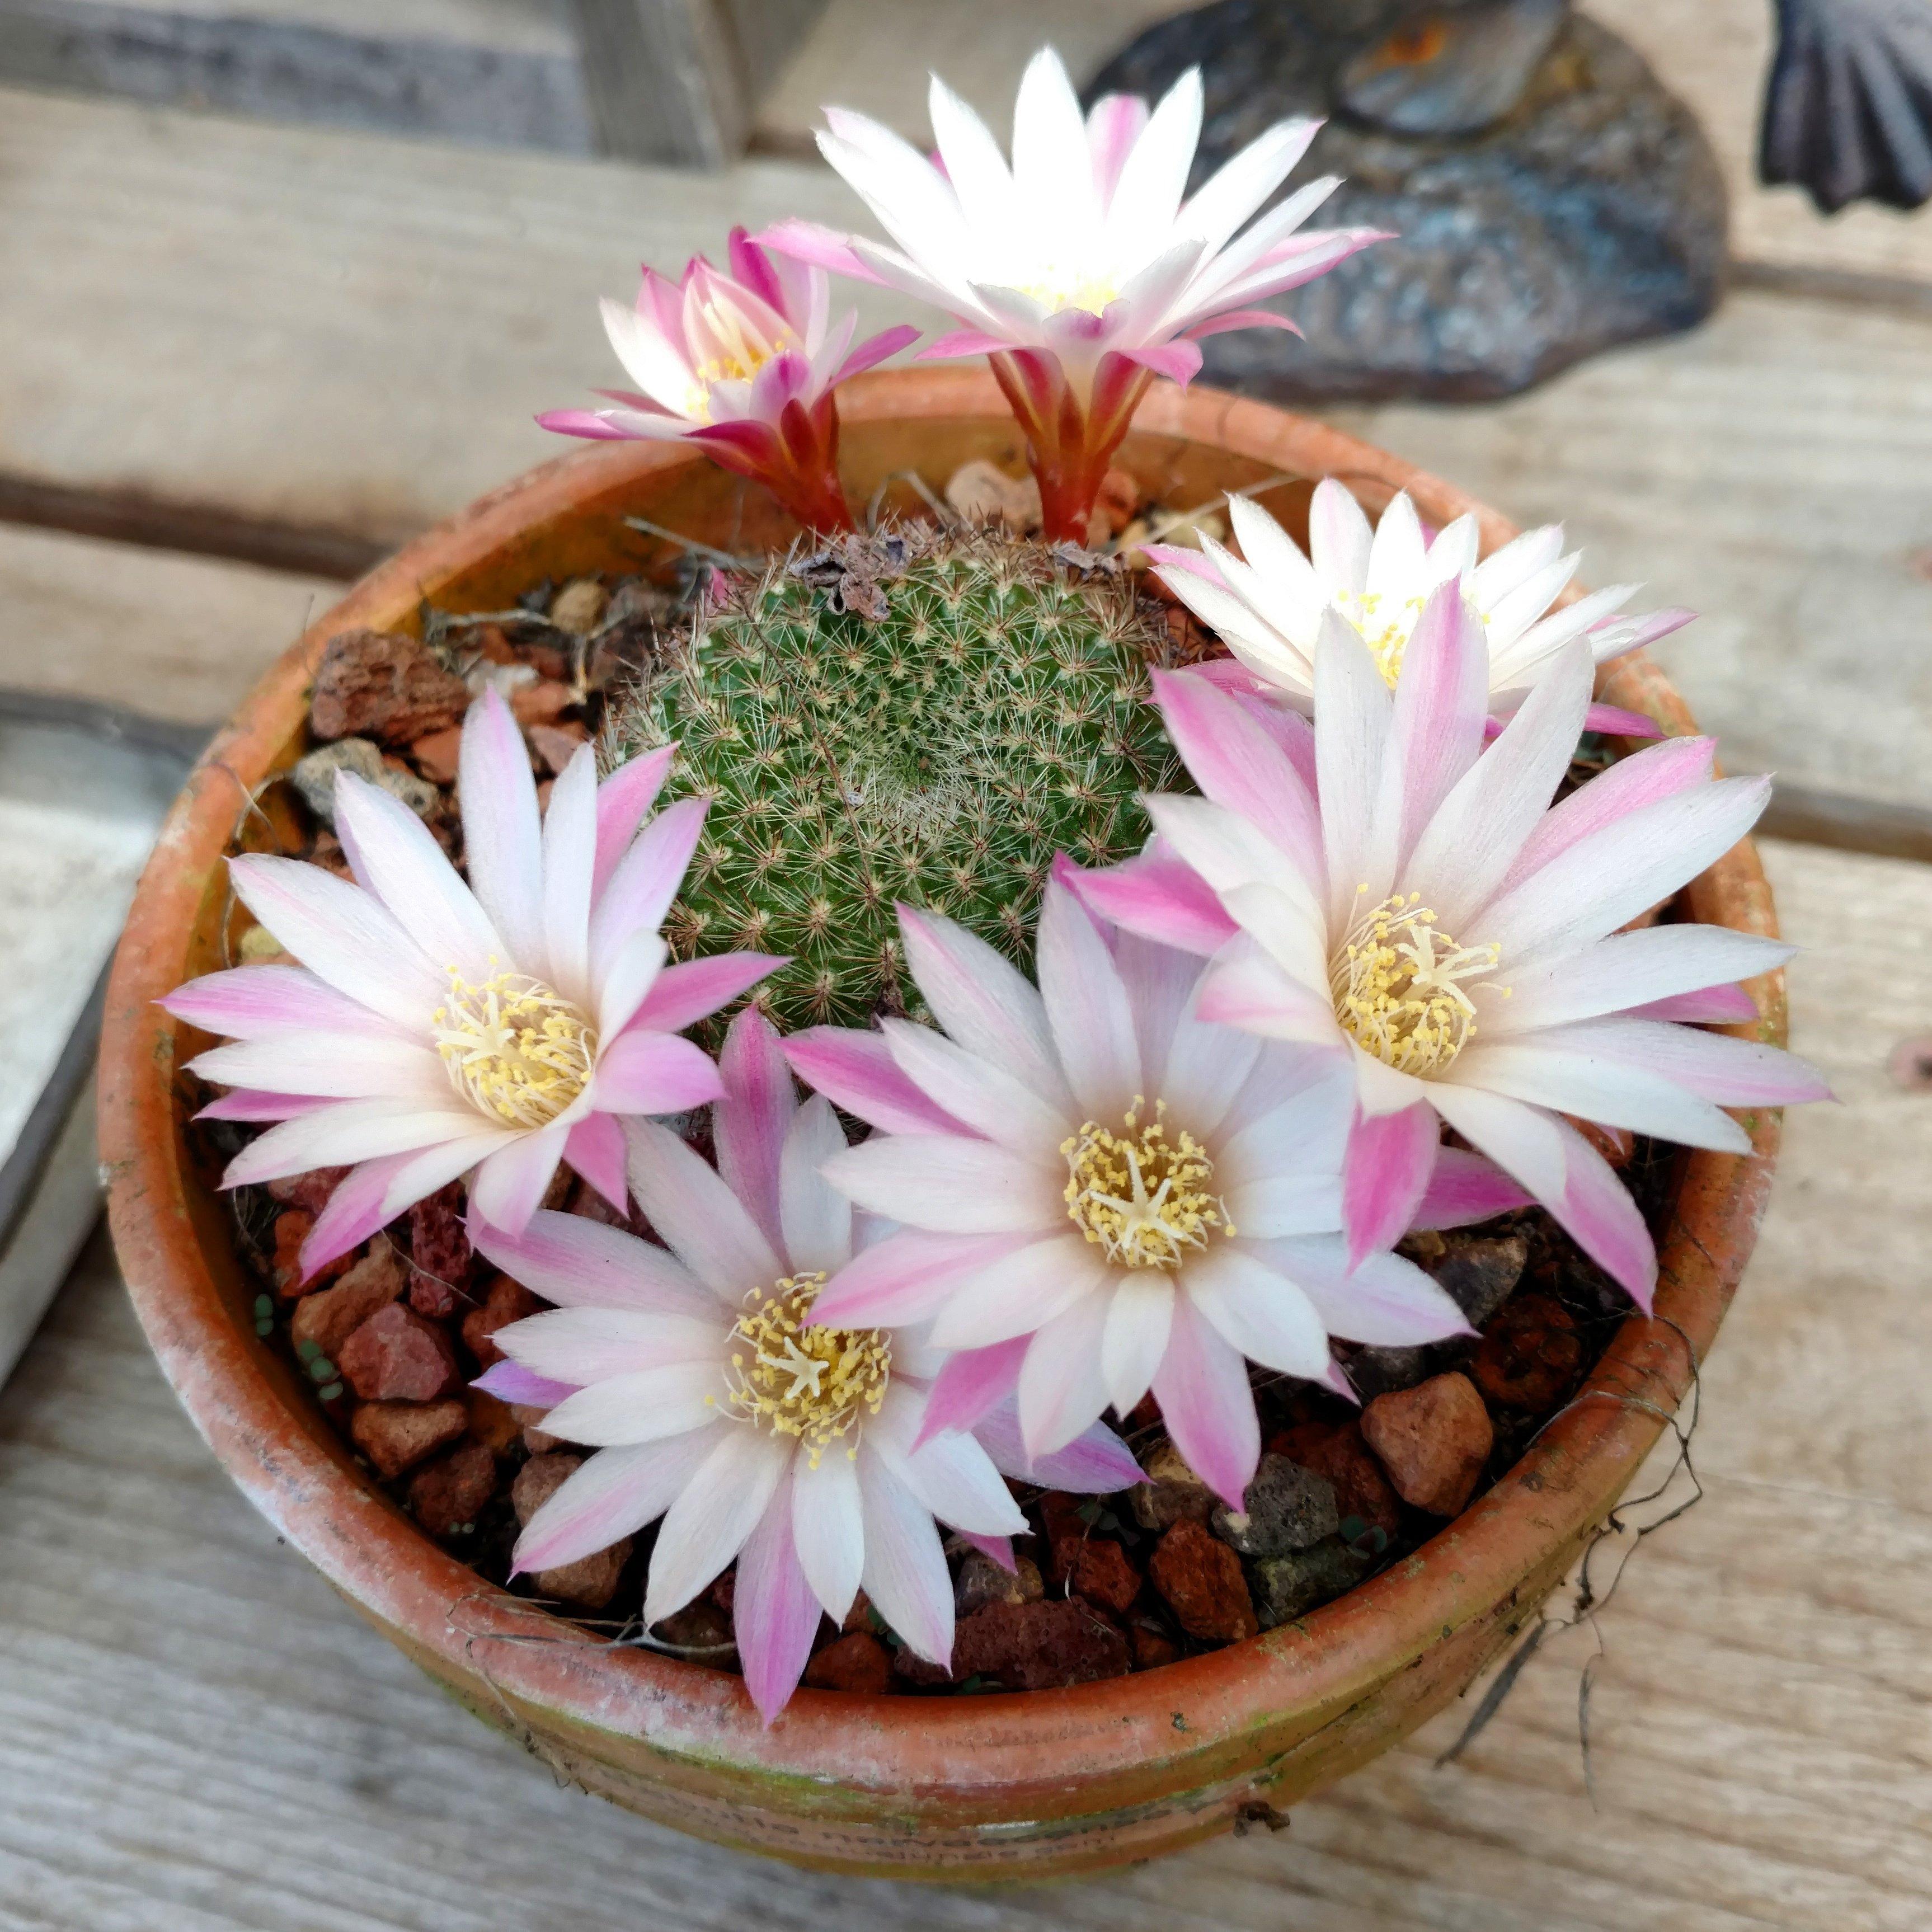 Spring cactus flowers cactus jungle spring cactus flowers mightylinksfo